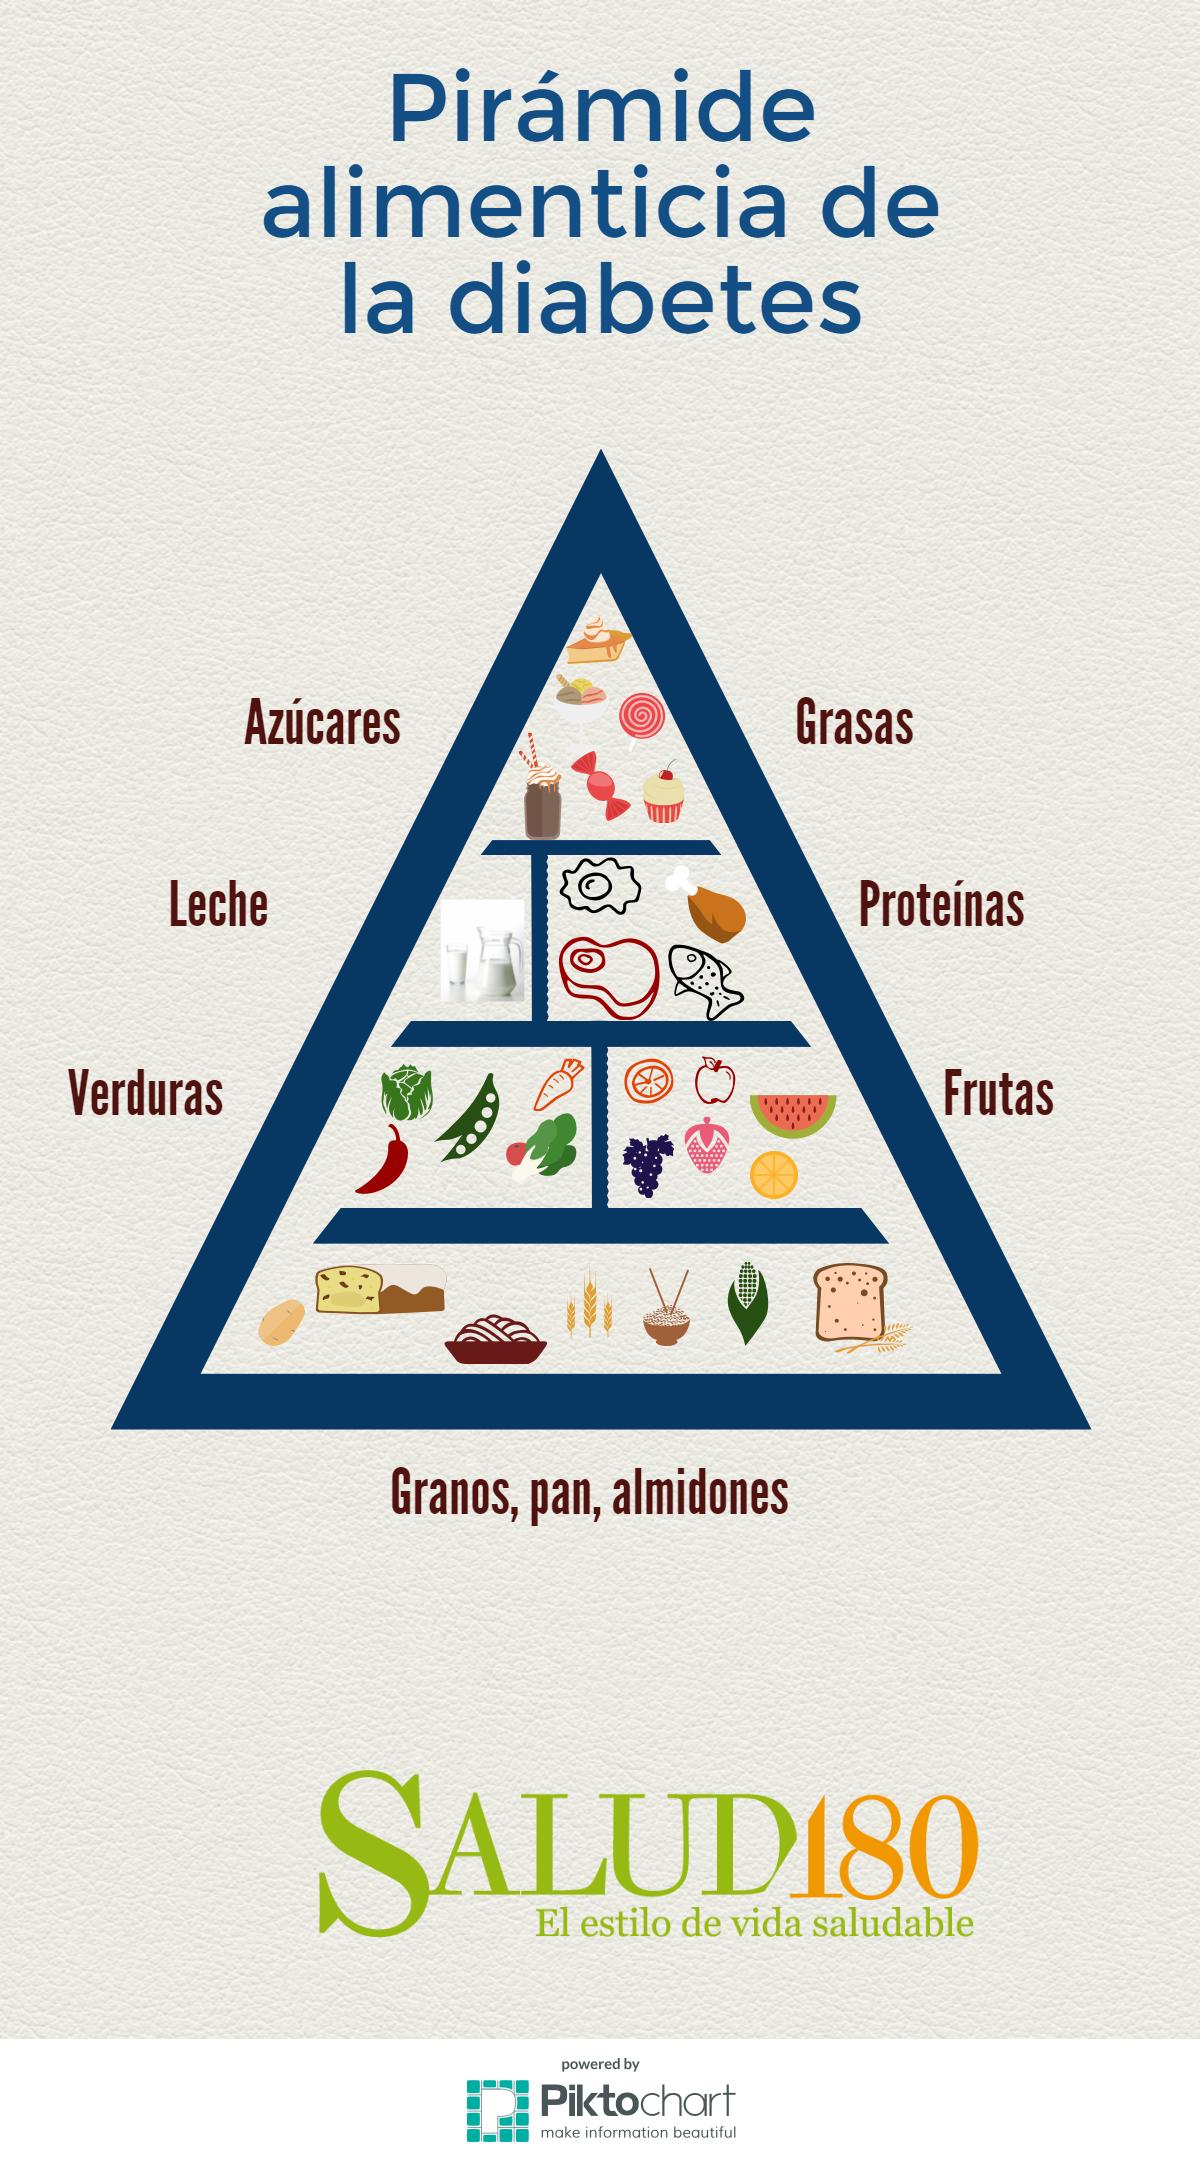 que alimentos puede comer una persona con diabetes